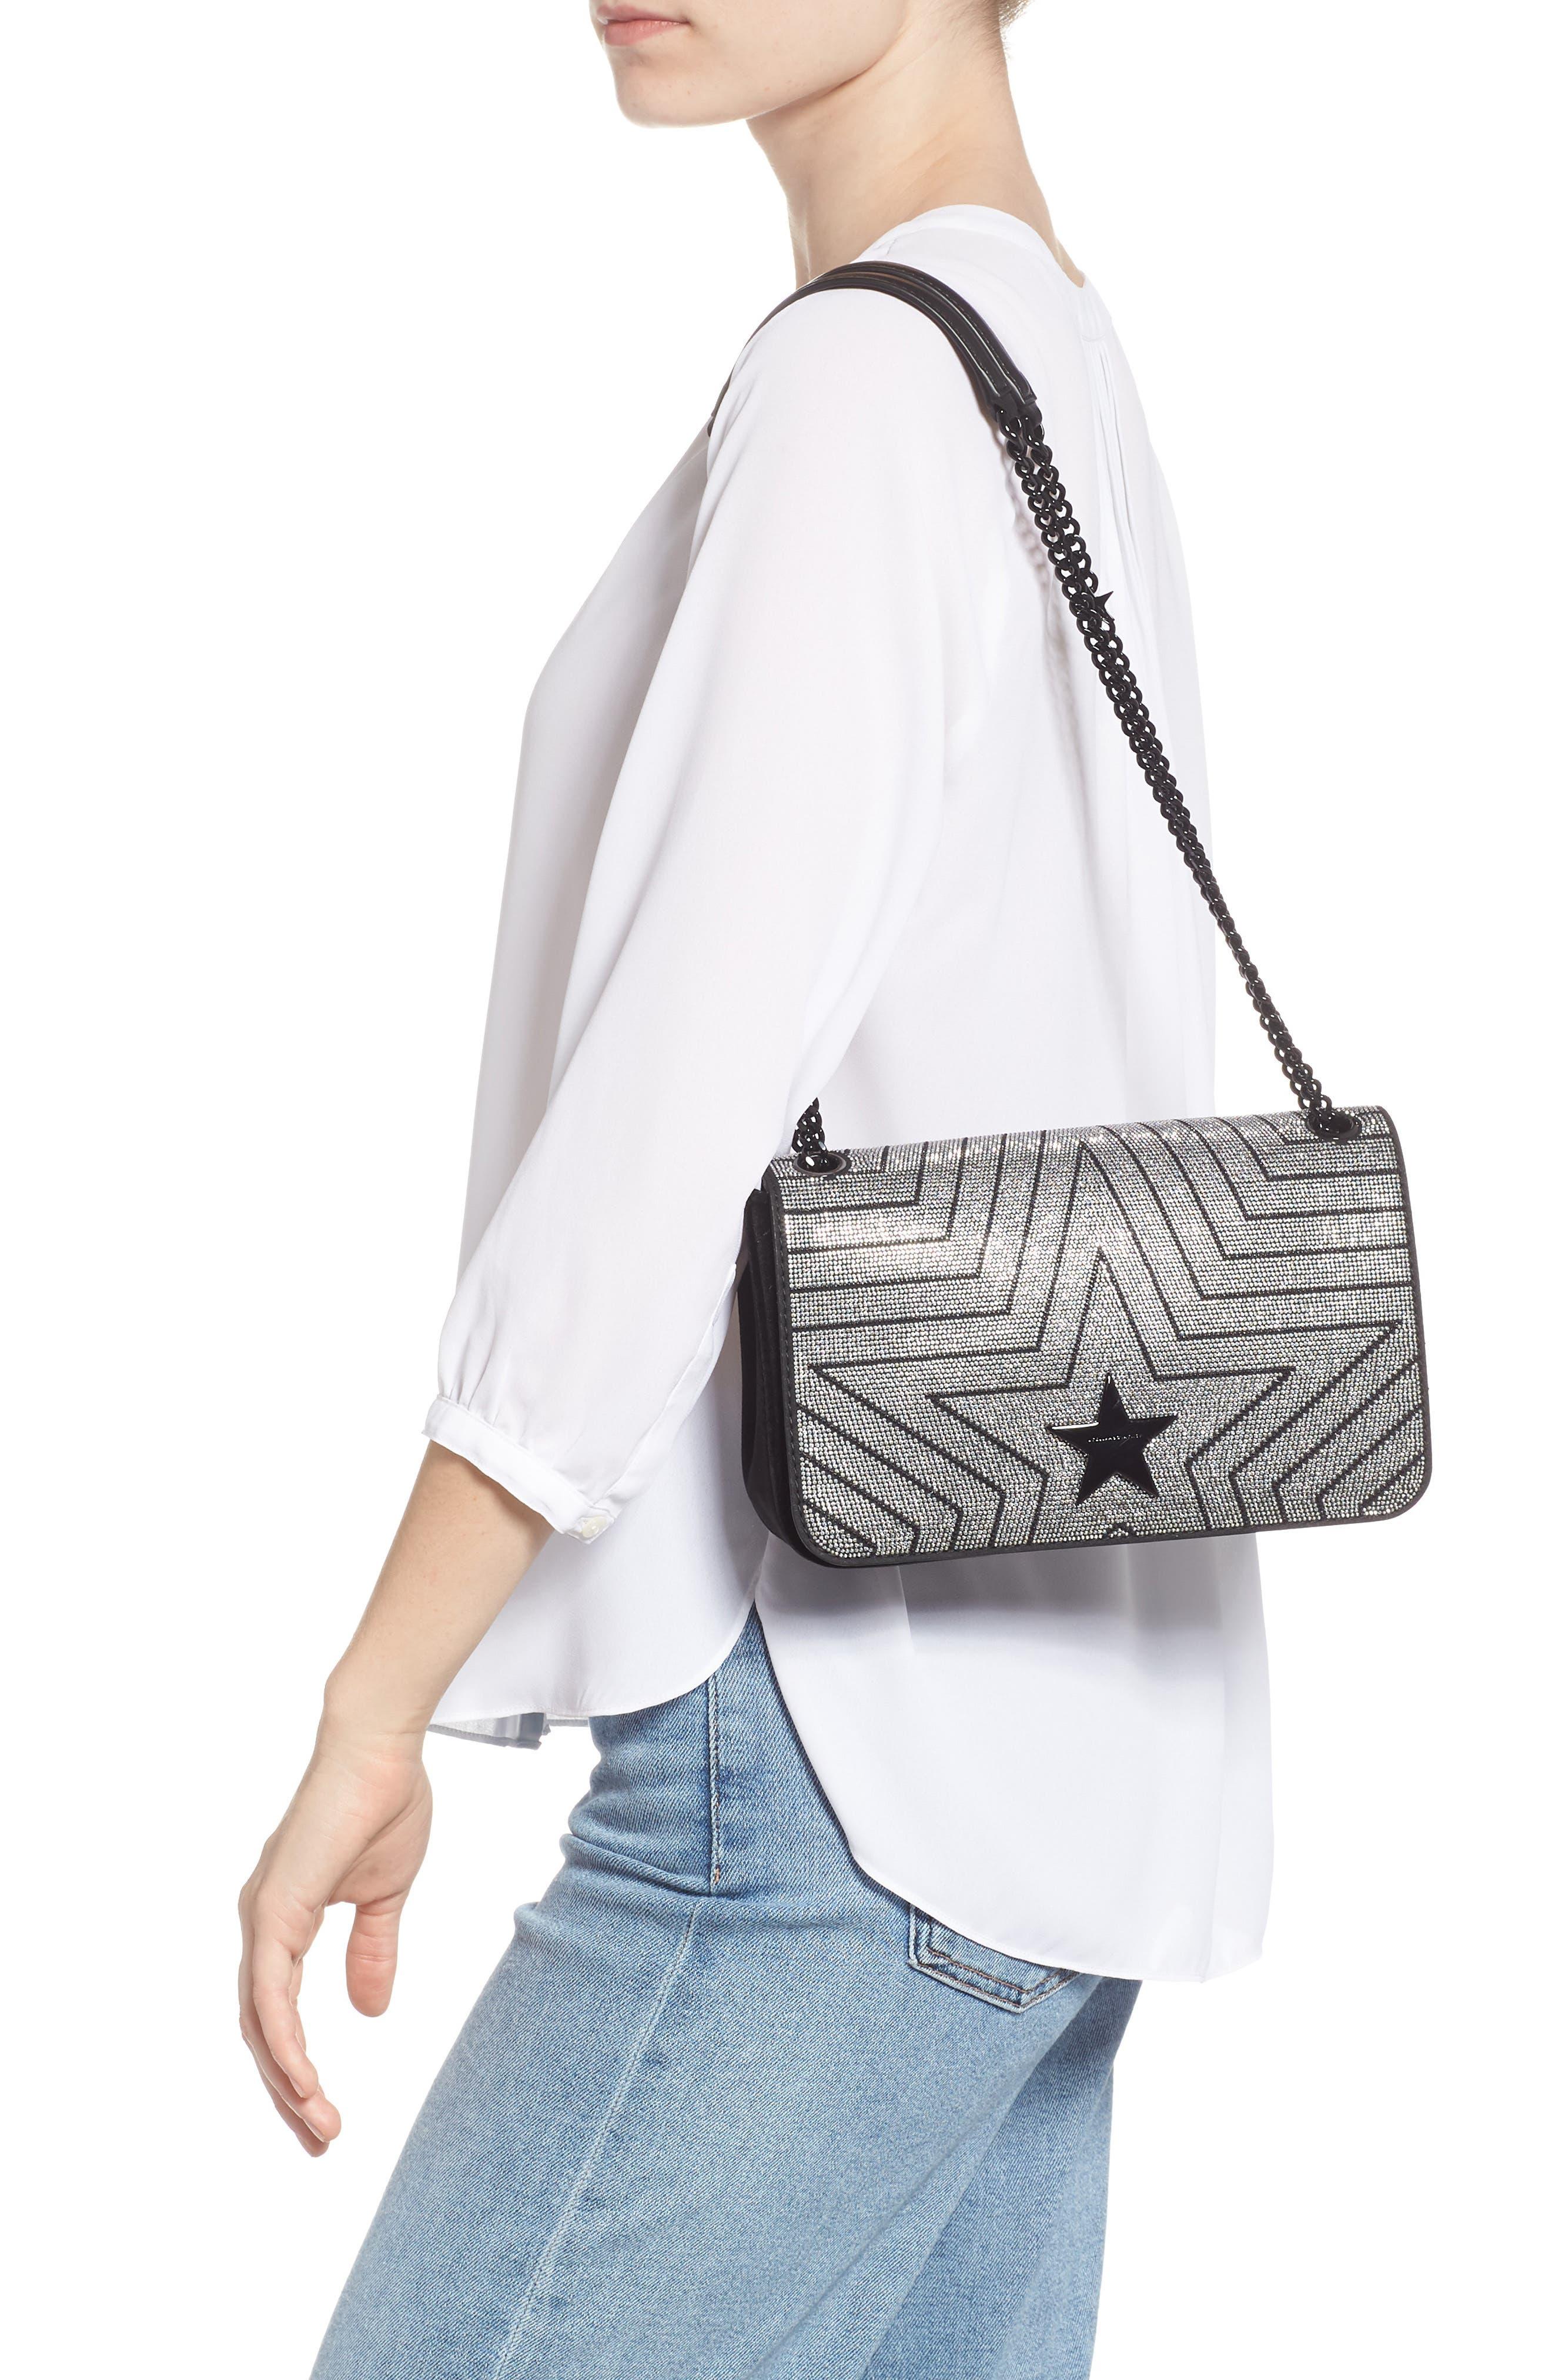 Medium Crystal Star Shoulder Bag,                             Alternate thumbnail 2, color,                             BLACK